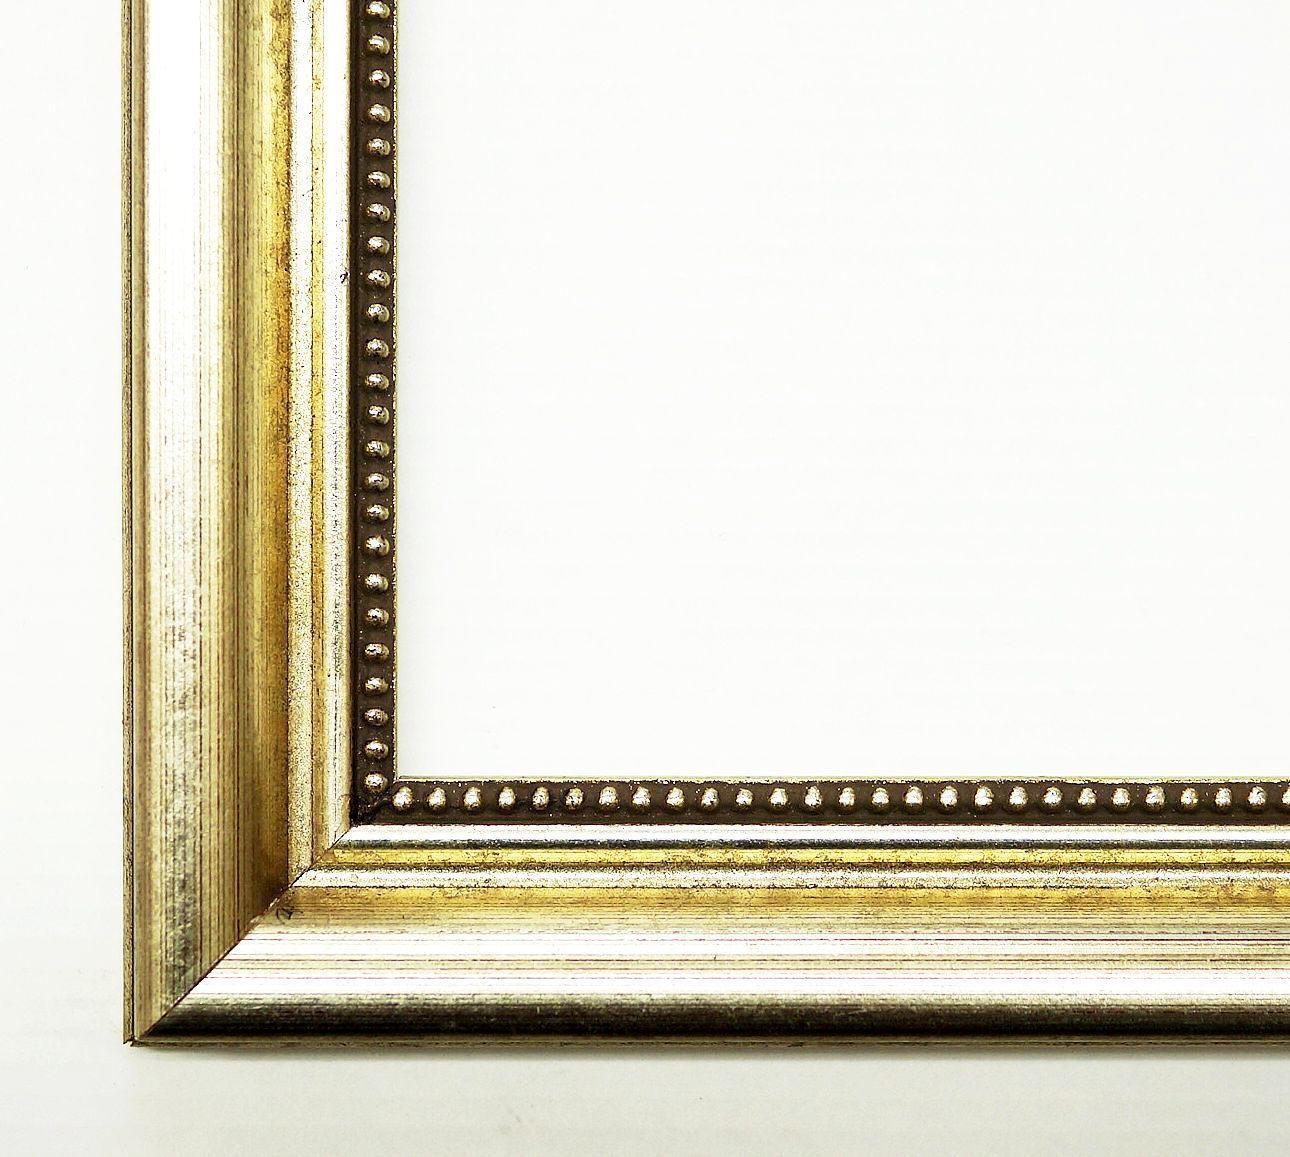 Gemütlich Heimwerker Holz Spiegelrahmen Fotos - Benutzerdefinierte ...